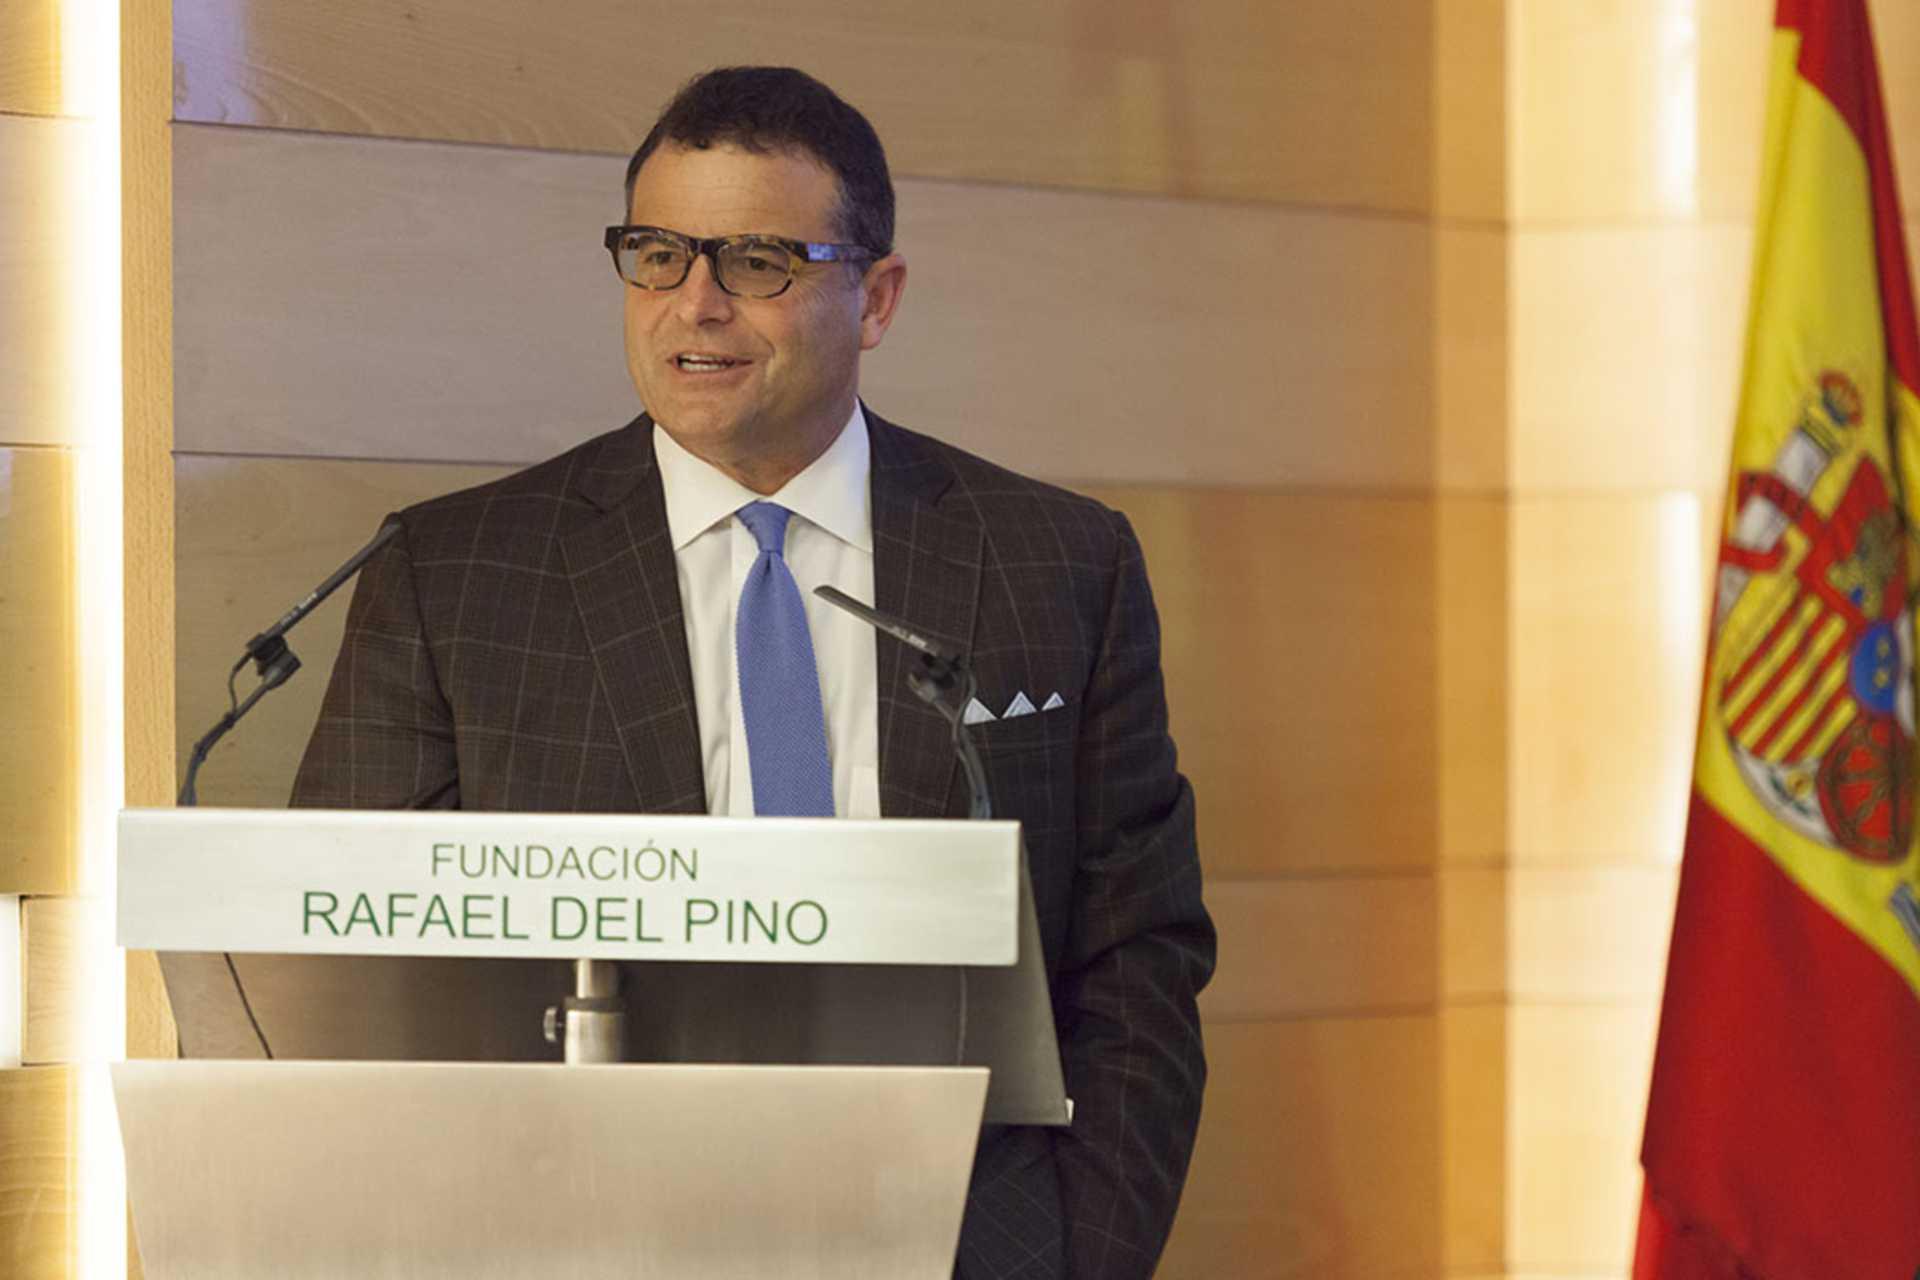 """La Fundación Rafael del Pino organiza  la Conferencia Magistral de George Selgin titulada """"Un siglo de fracasos: los primeros 100 años de la Reserva Federal americana"""". Madrid 02 de octubre de 2013."""